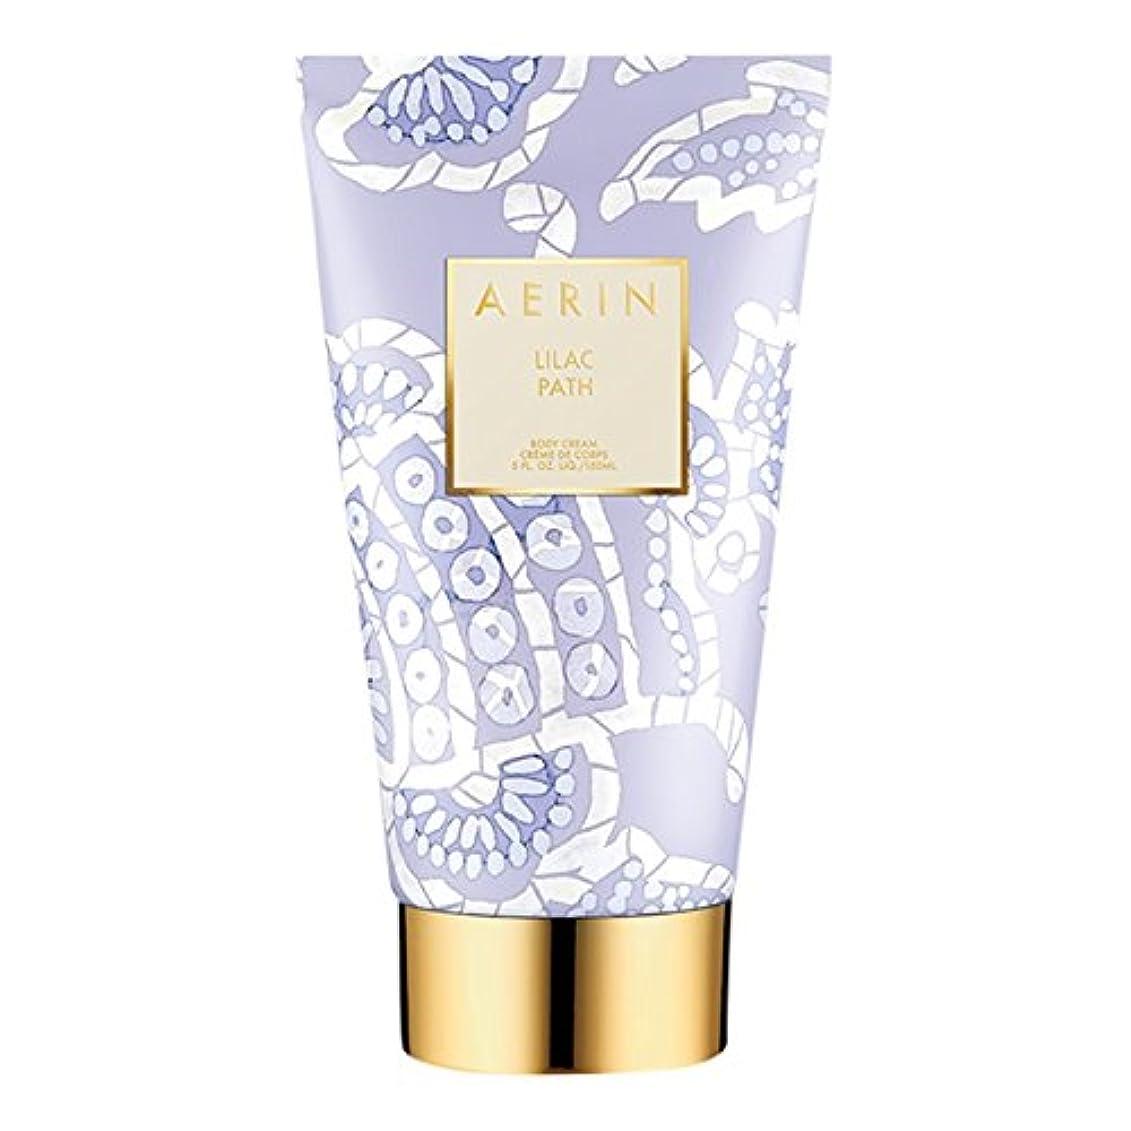 拡声器欠員マリンAerinライラックパスボディクリーム150ミリリットル (AERIN) (x6) - AERIN Lilac Path Body Cream 150ml (Pack of 6) [並行輸入品]